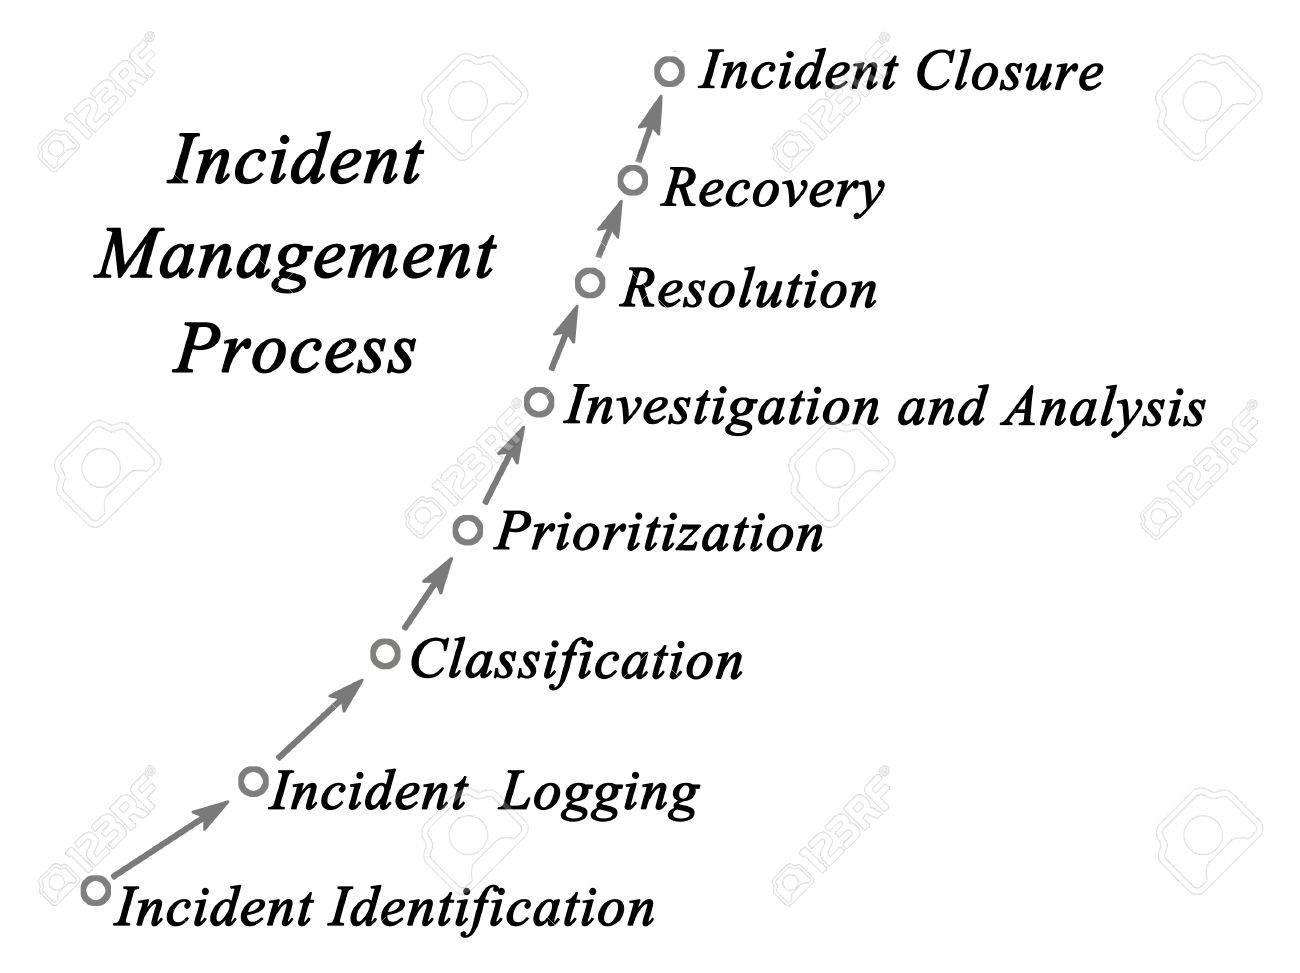 Diagrama Del Proceso De Gestión De Incidentes Fotos, Retratos ...